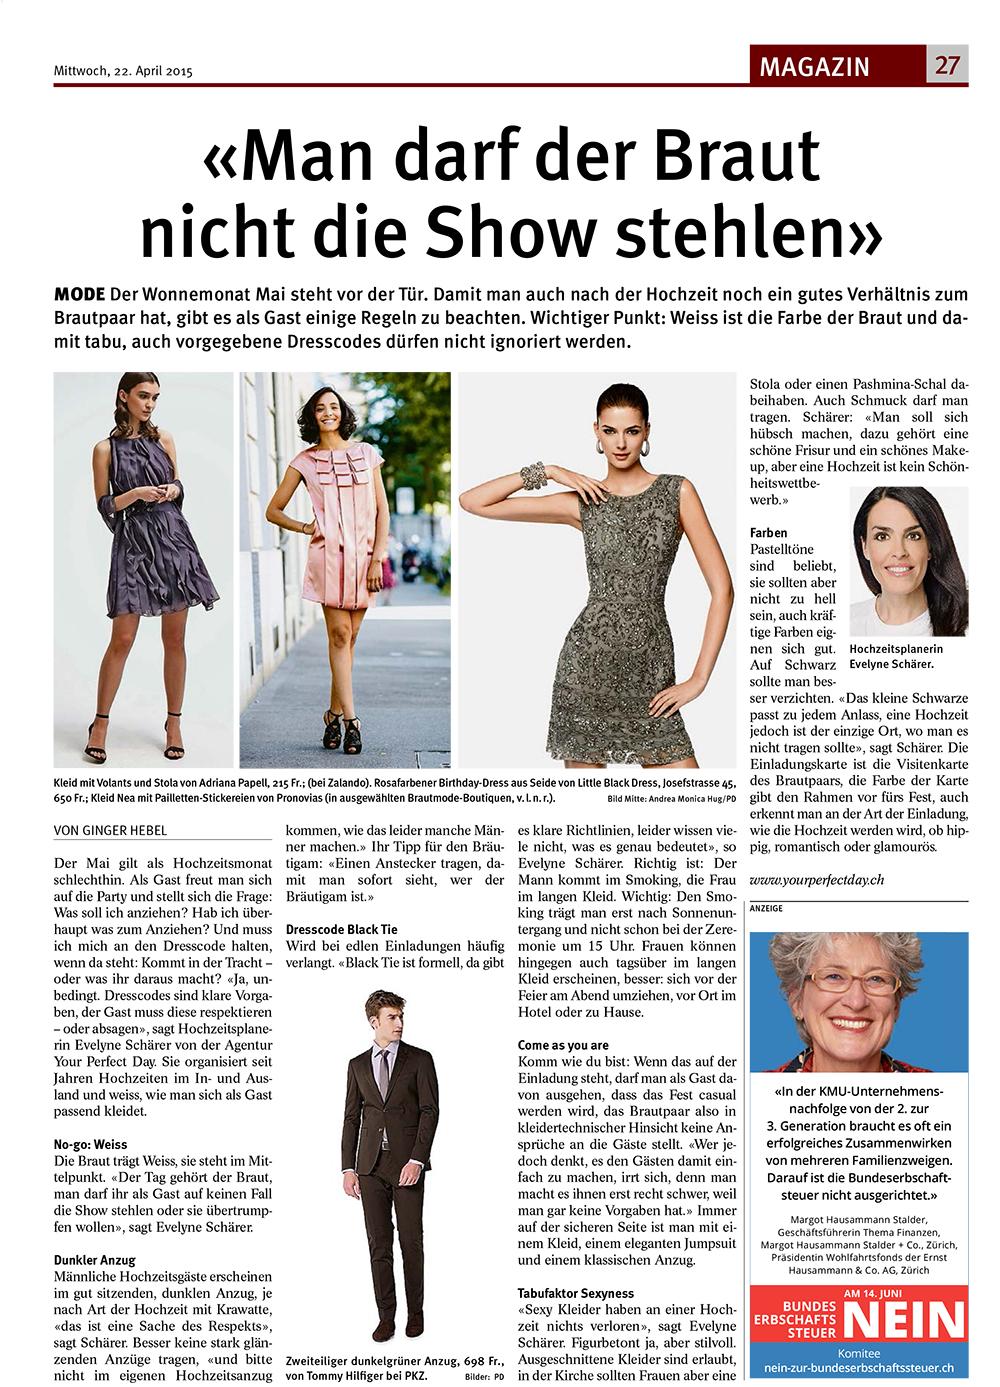 tagblatt der stadt zürich - mode für hochzeitsgäste - your